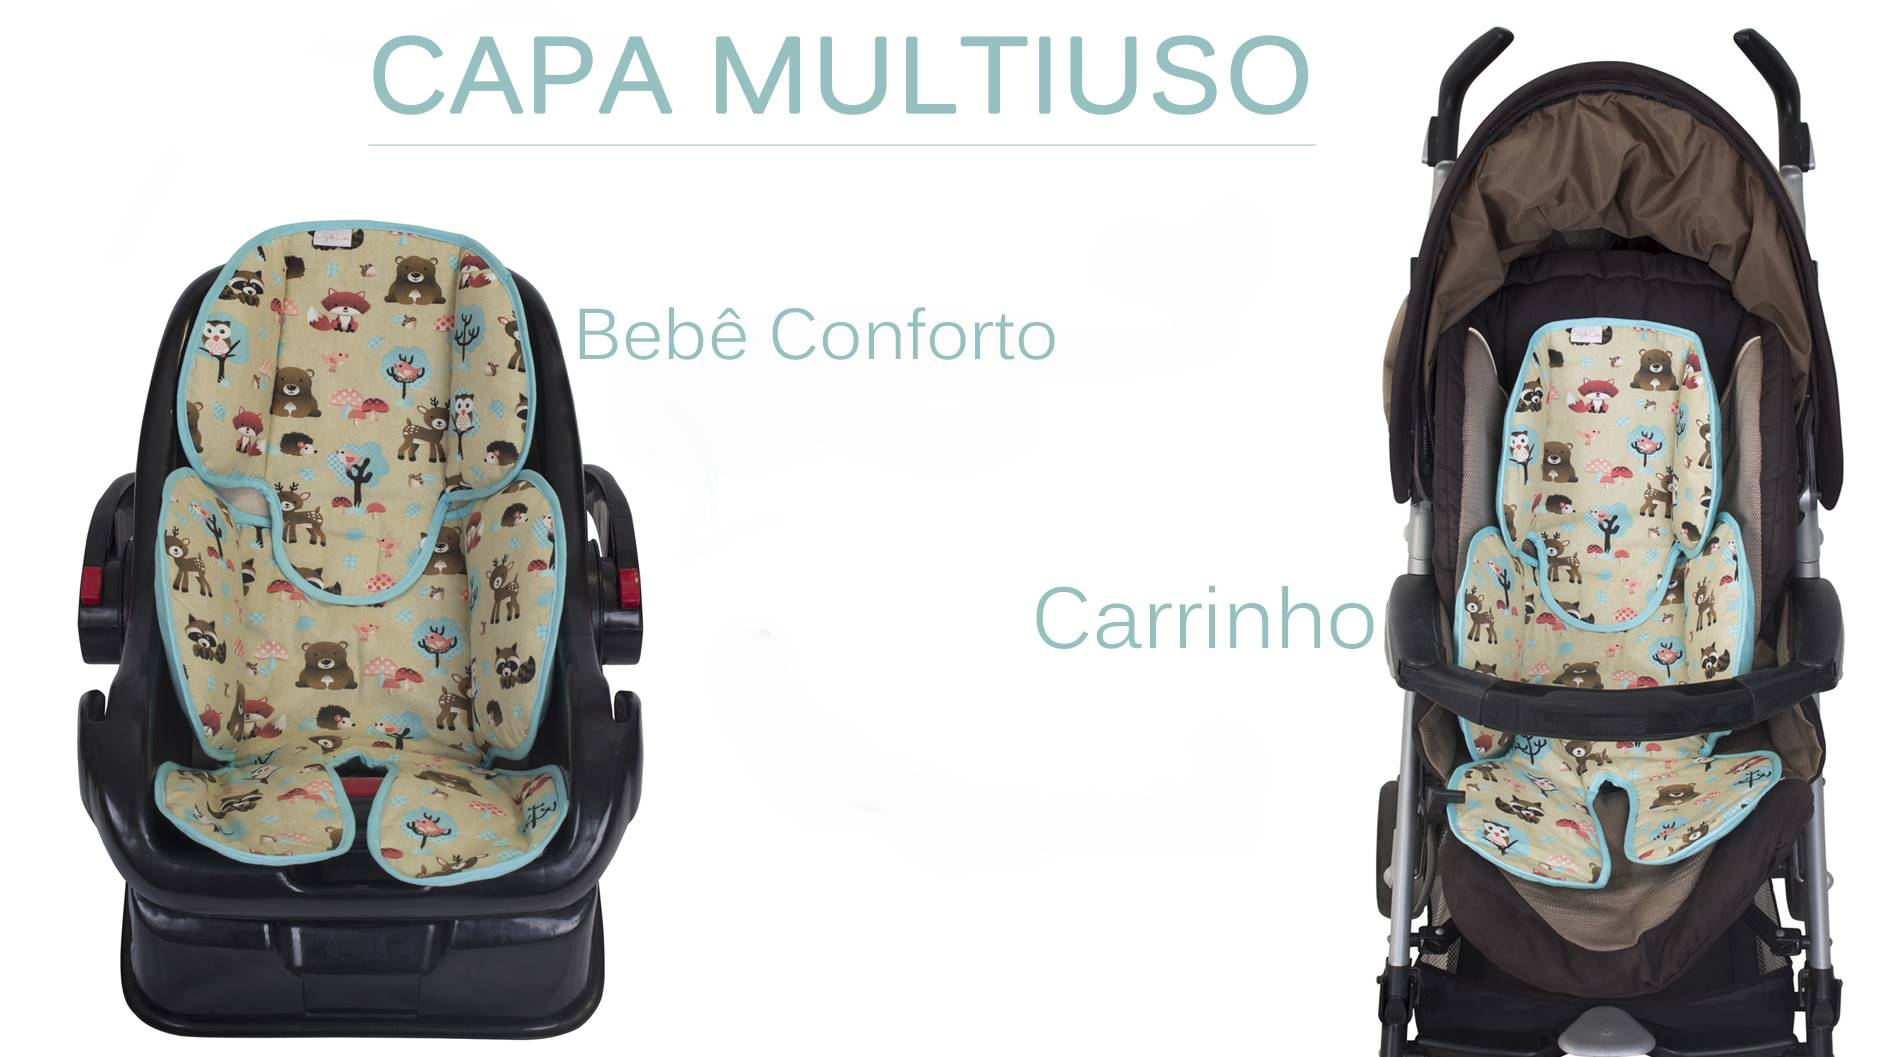 Redutor de Bebê Conforto e Carrinho Nuvem Azul  - Toca do Bebê